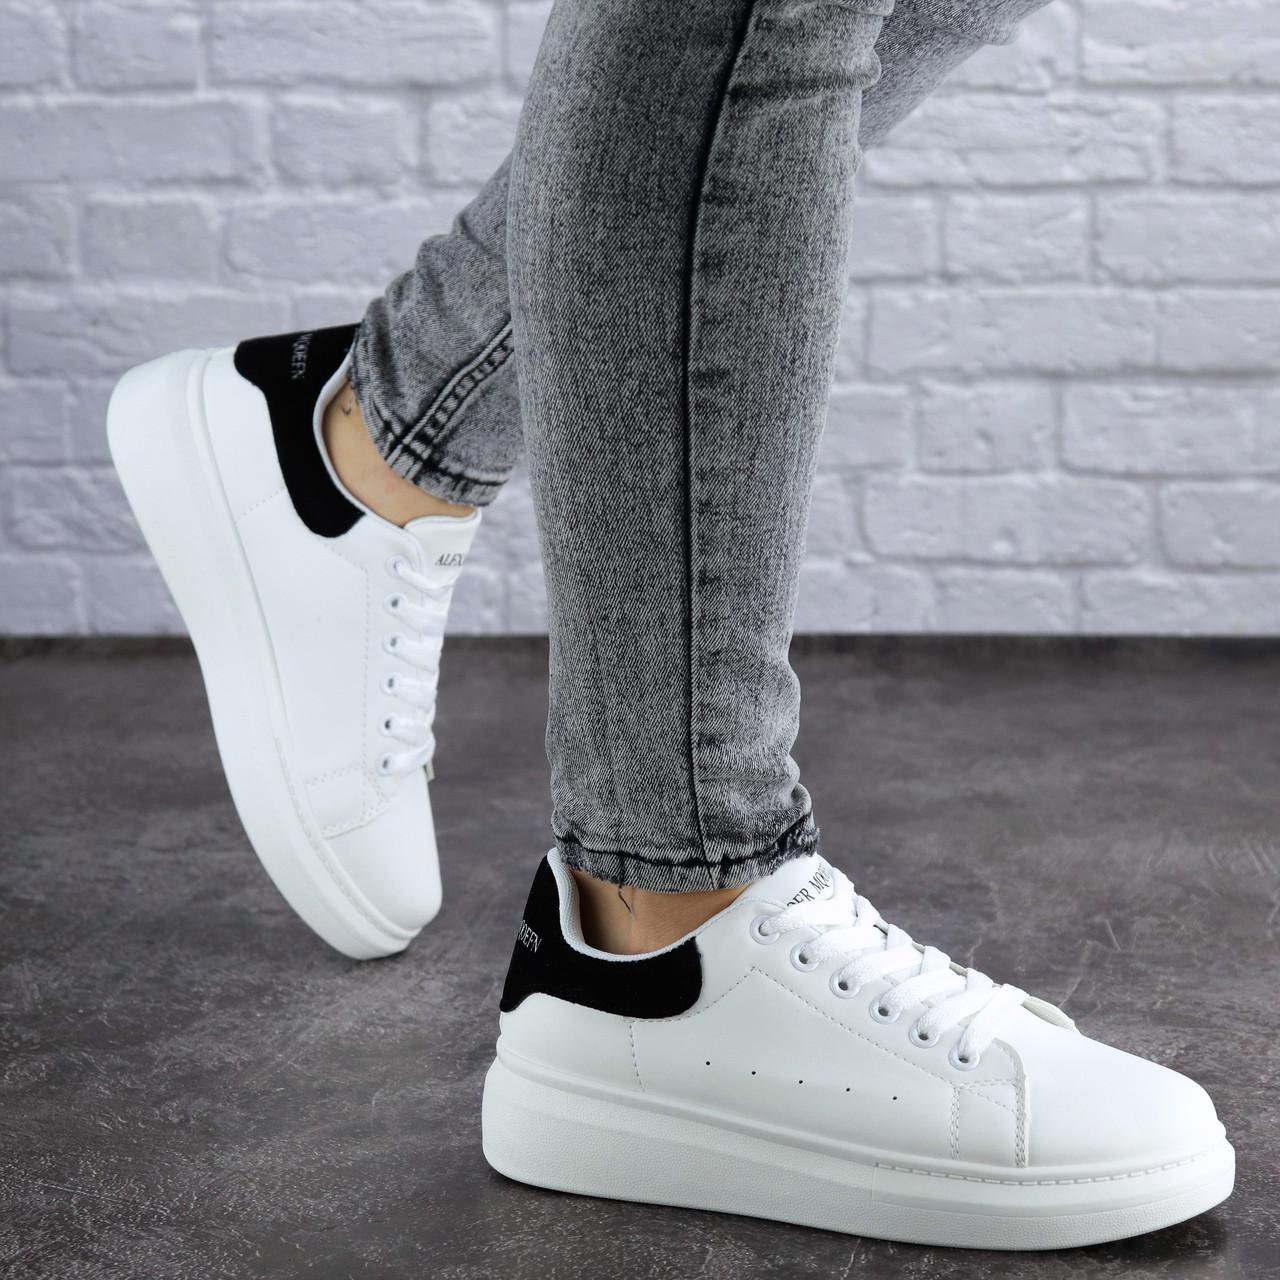 Купить Женские кроссовки белые Andy 1948 (39 размер), Fashion